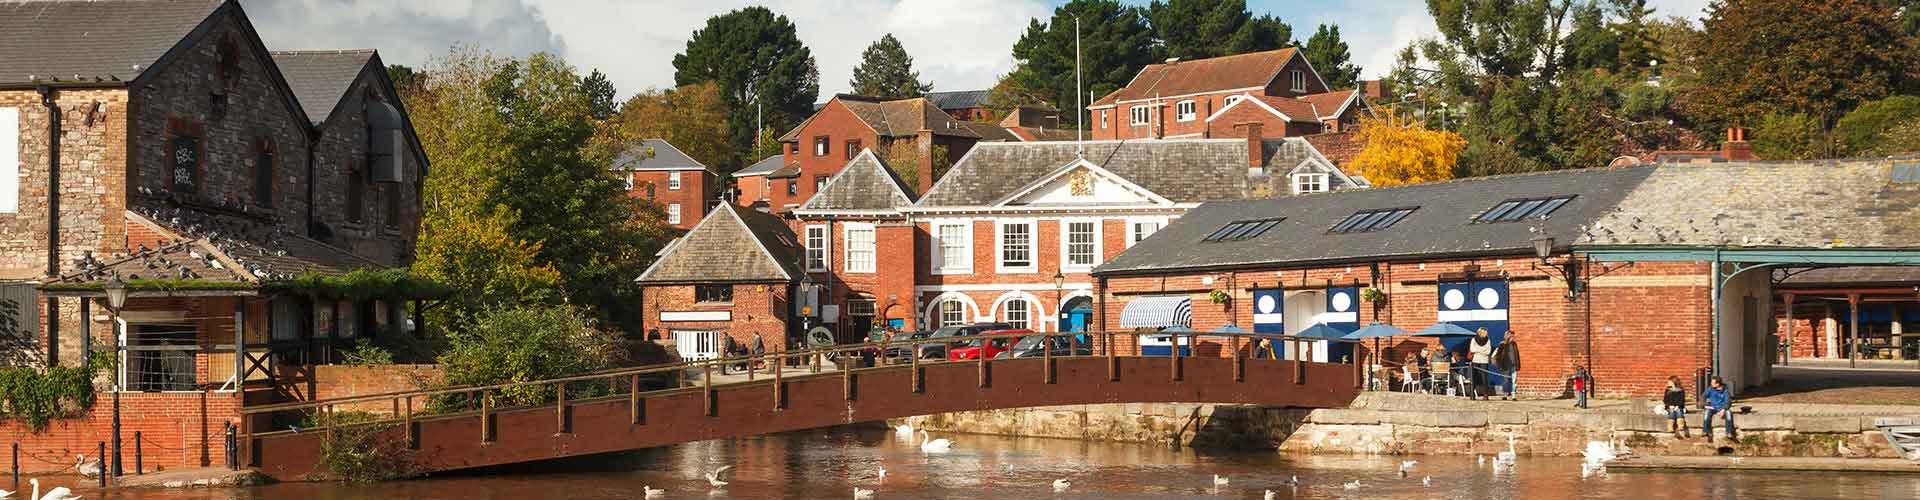 Exeter - Apartamenty w mieście Exeter, Mapy miasta Exeter, Zdjęcia i Recenzje dla każdego Apartamentu w mieście Exeter.